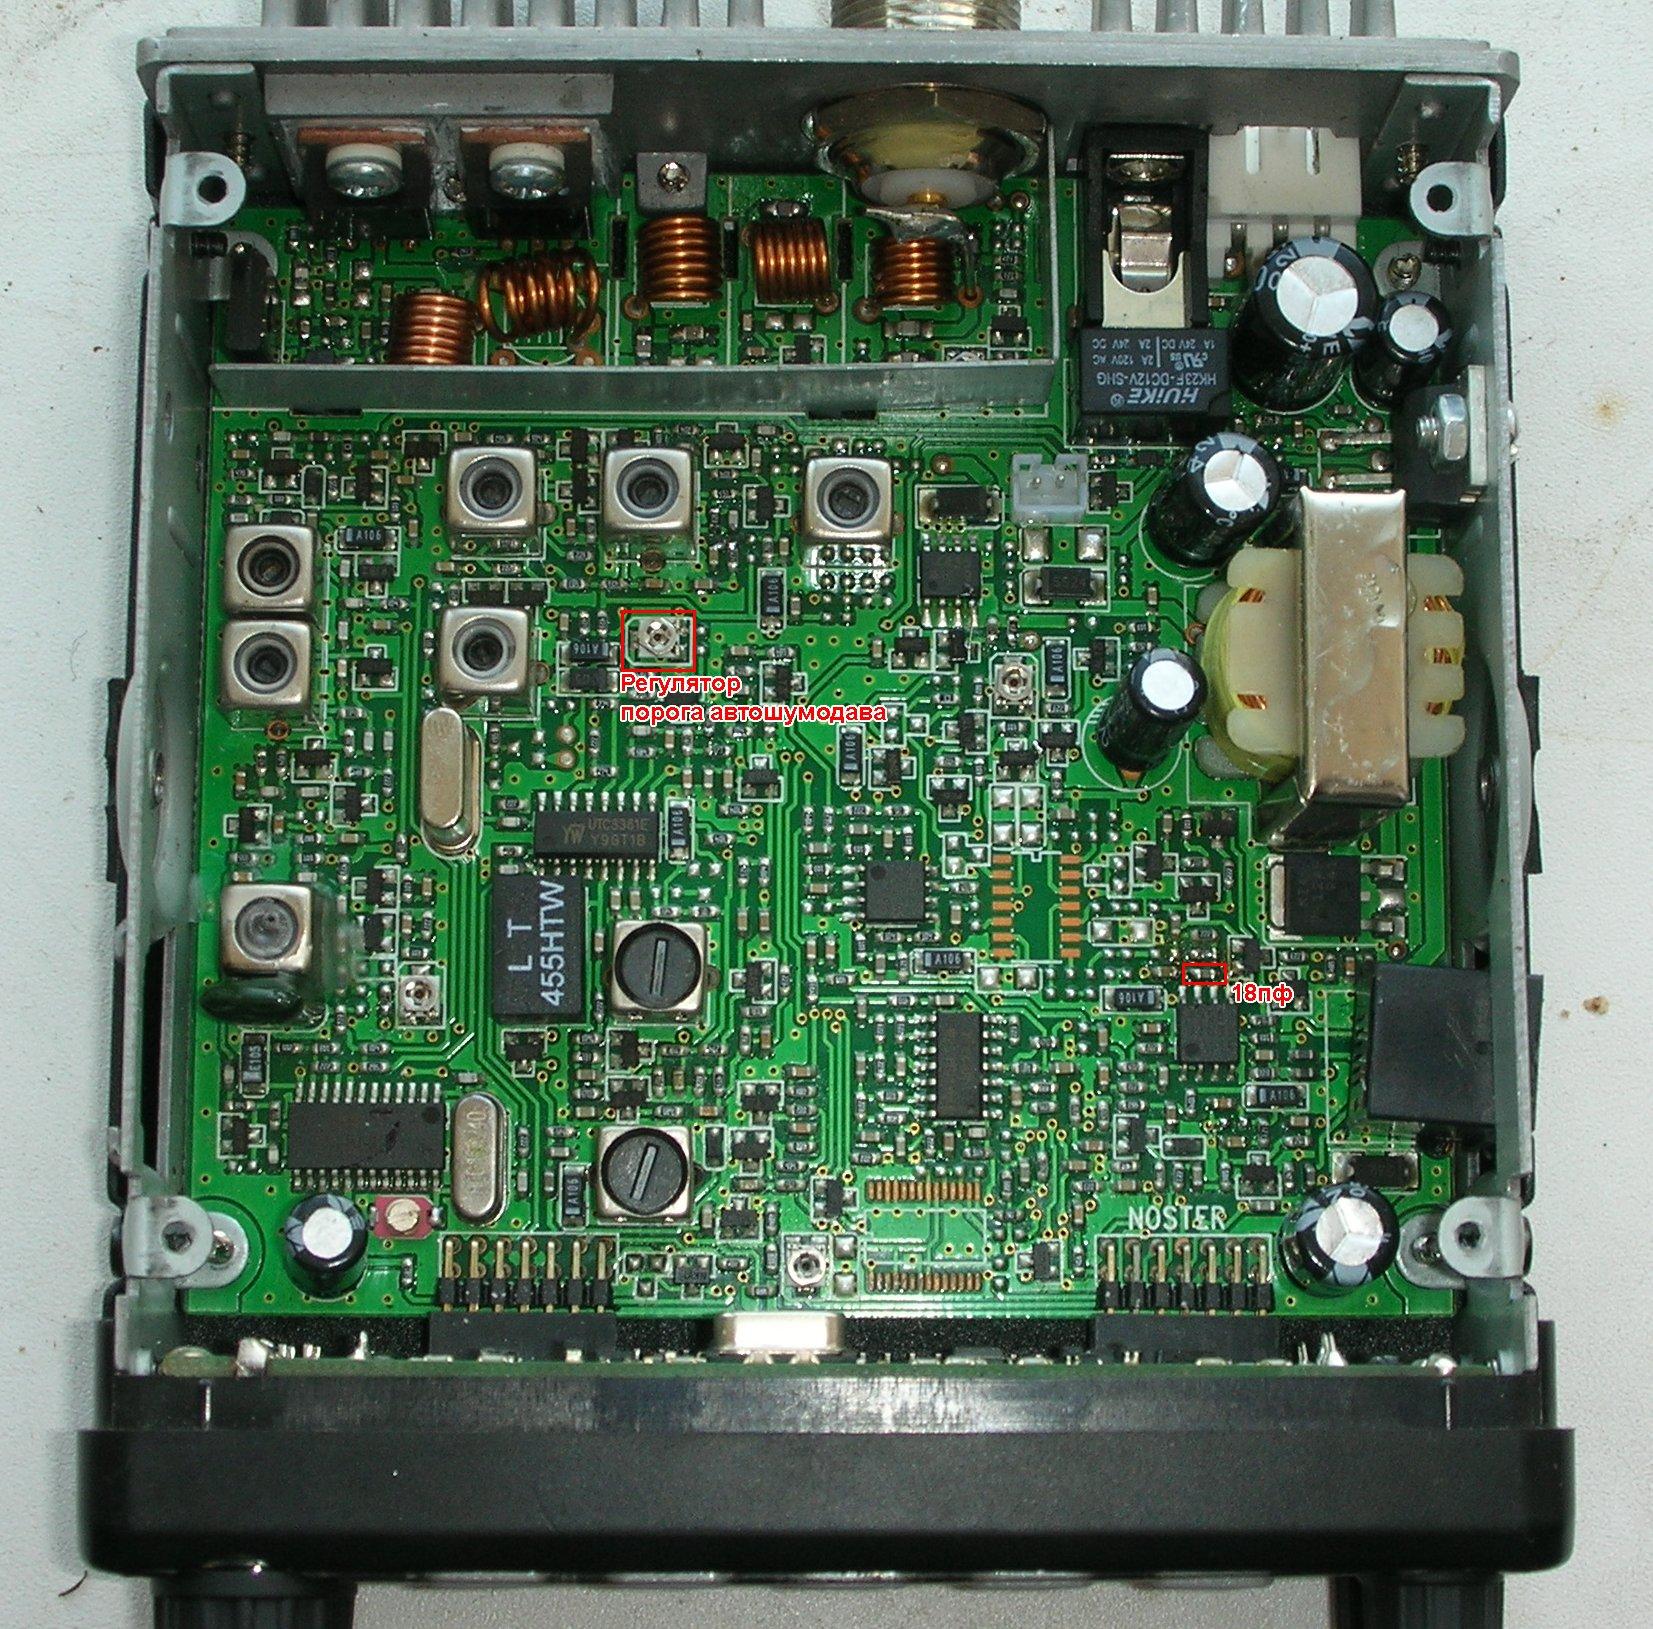 Плата сиби радиостанции Megajet-700 с указанием что доработать для устранения бубнения модуляции